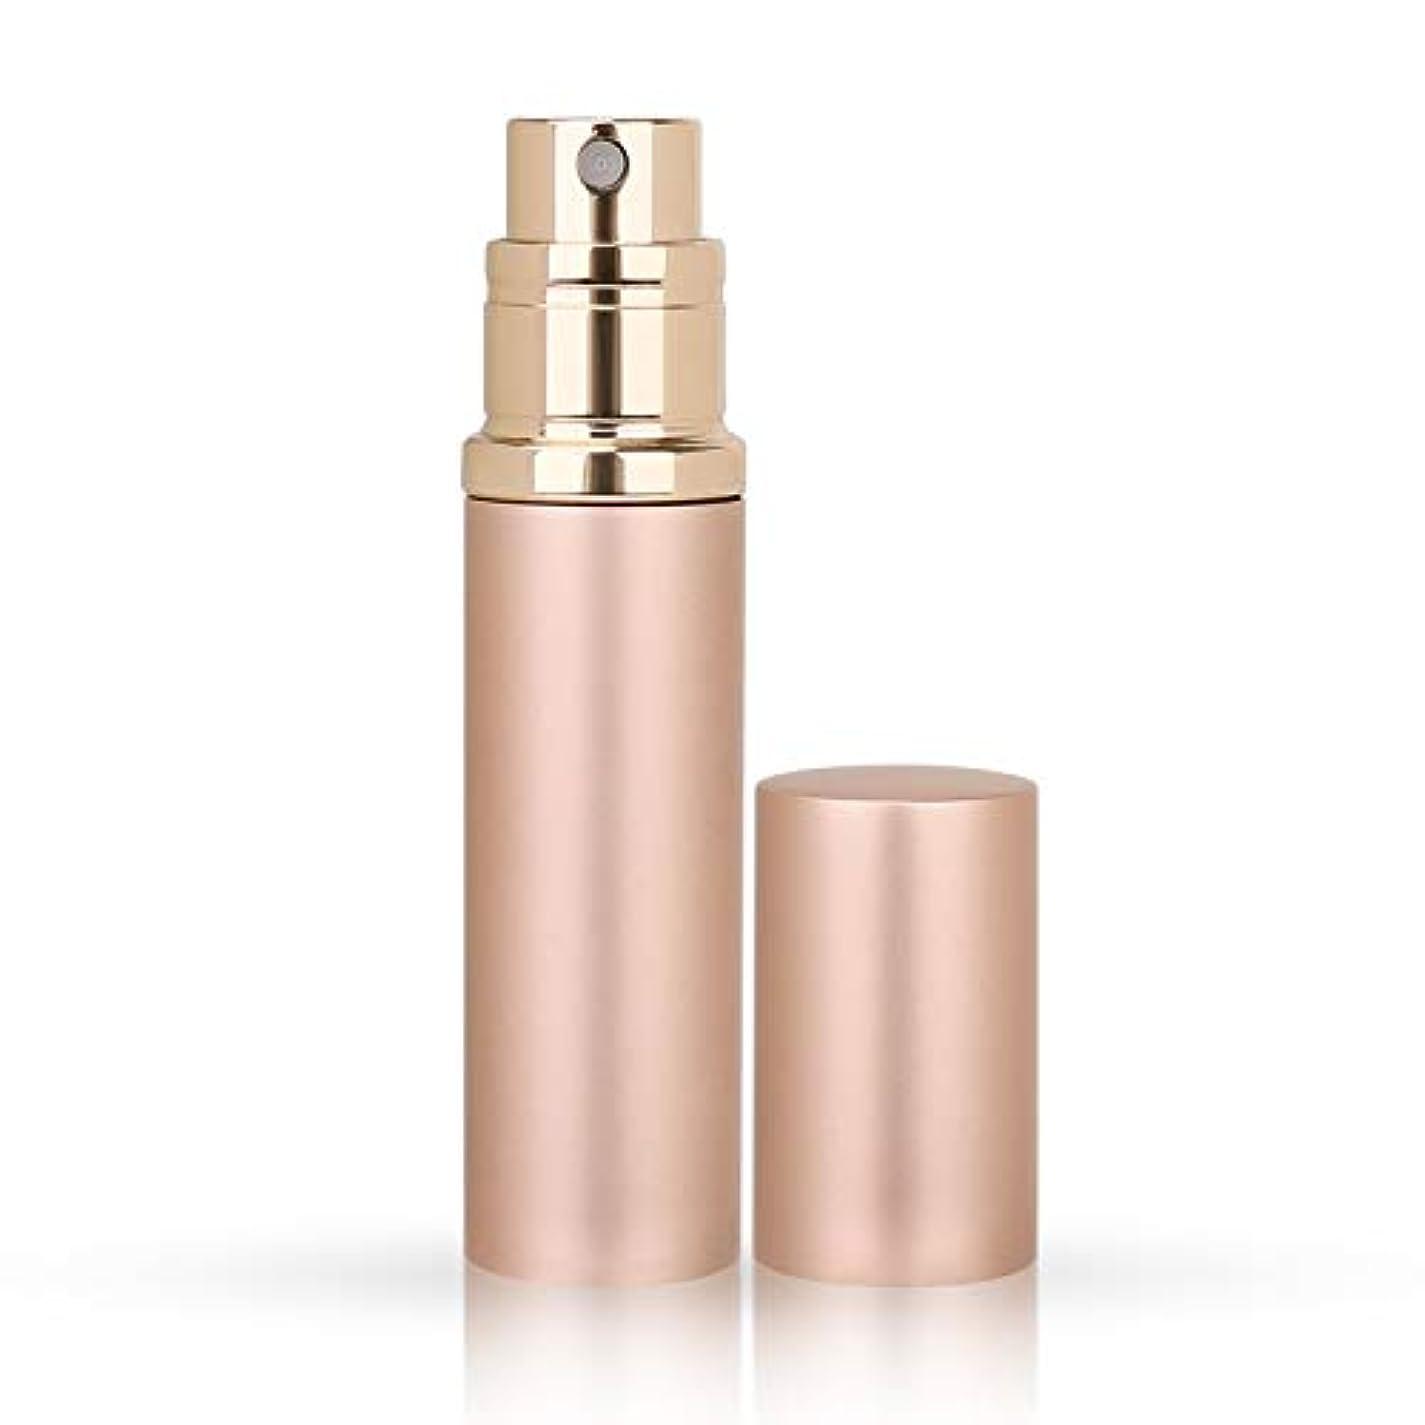 かご名前どこかMOOMU アトマイザー 香水スプレー 噴霧器 詰め替え容器 底部充填方式 携帯用5ml (ローズゴ-ルド RoseGold)